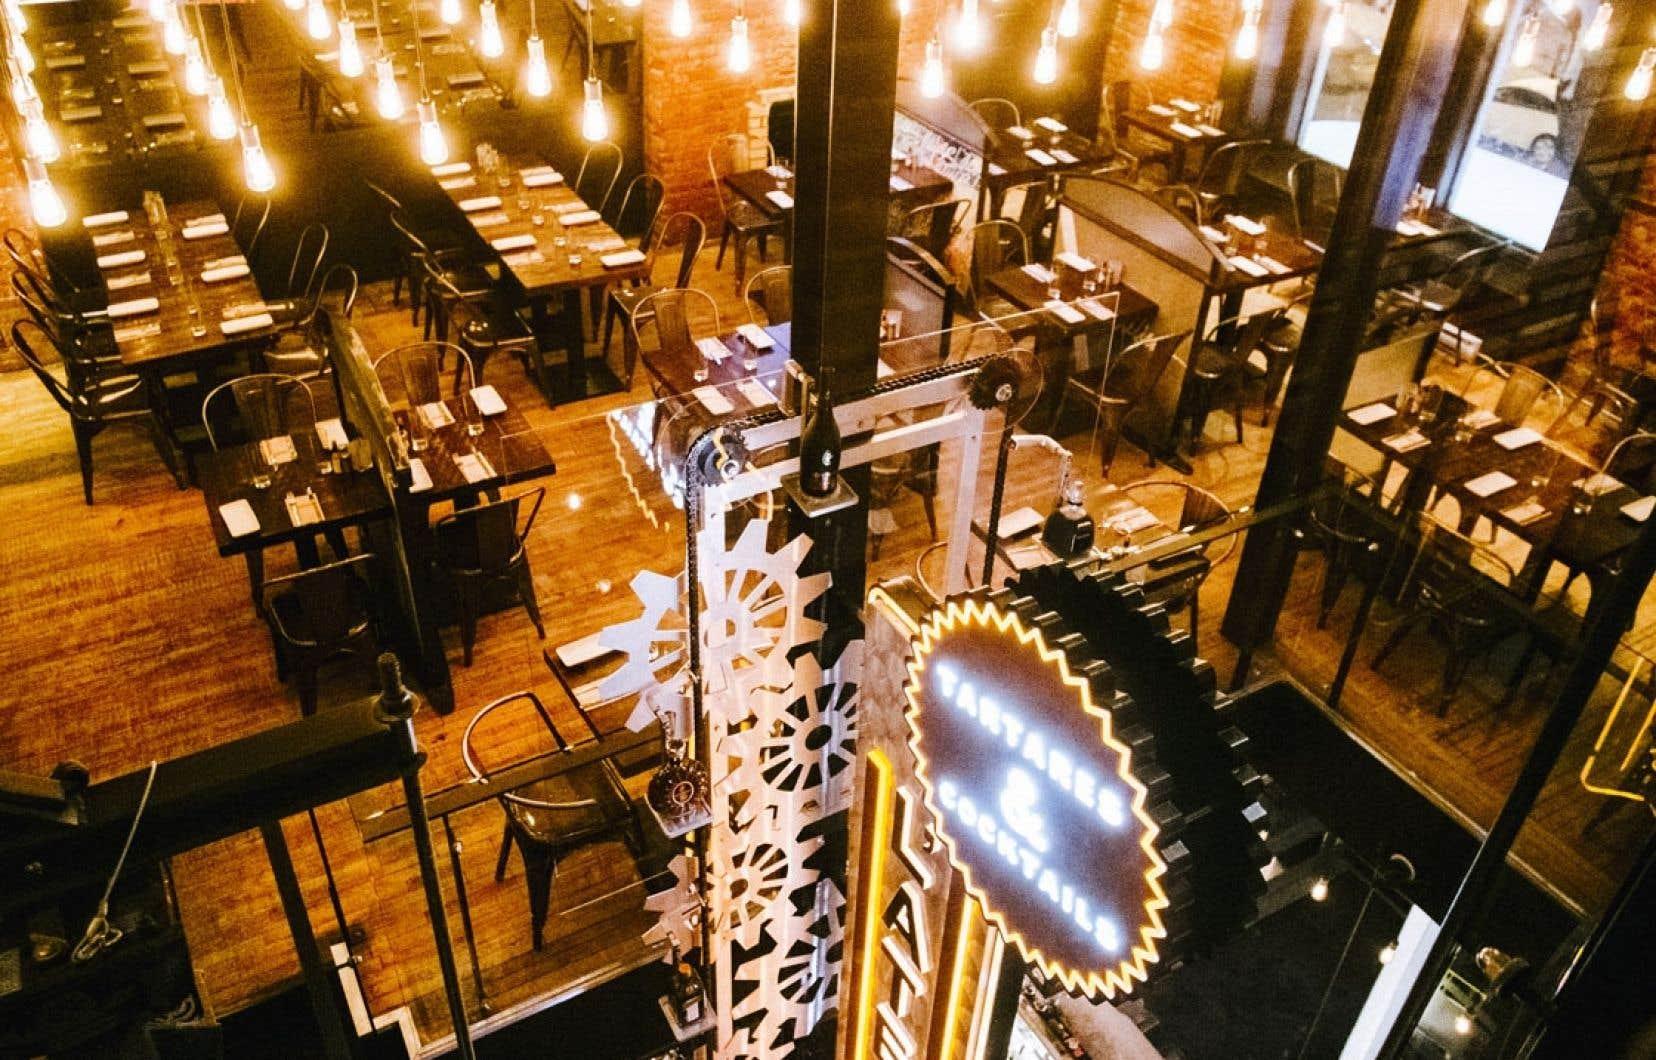 Le décor du restaurant évoque un atelier de travail, avec engrenages surdimensionnés et ampoules électriques.